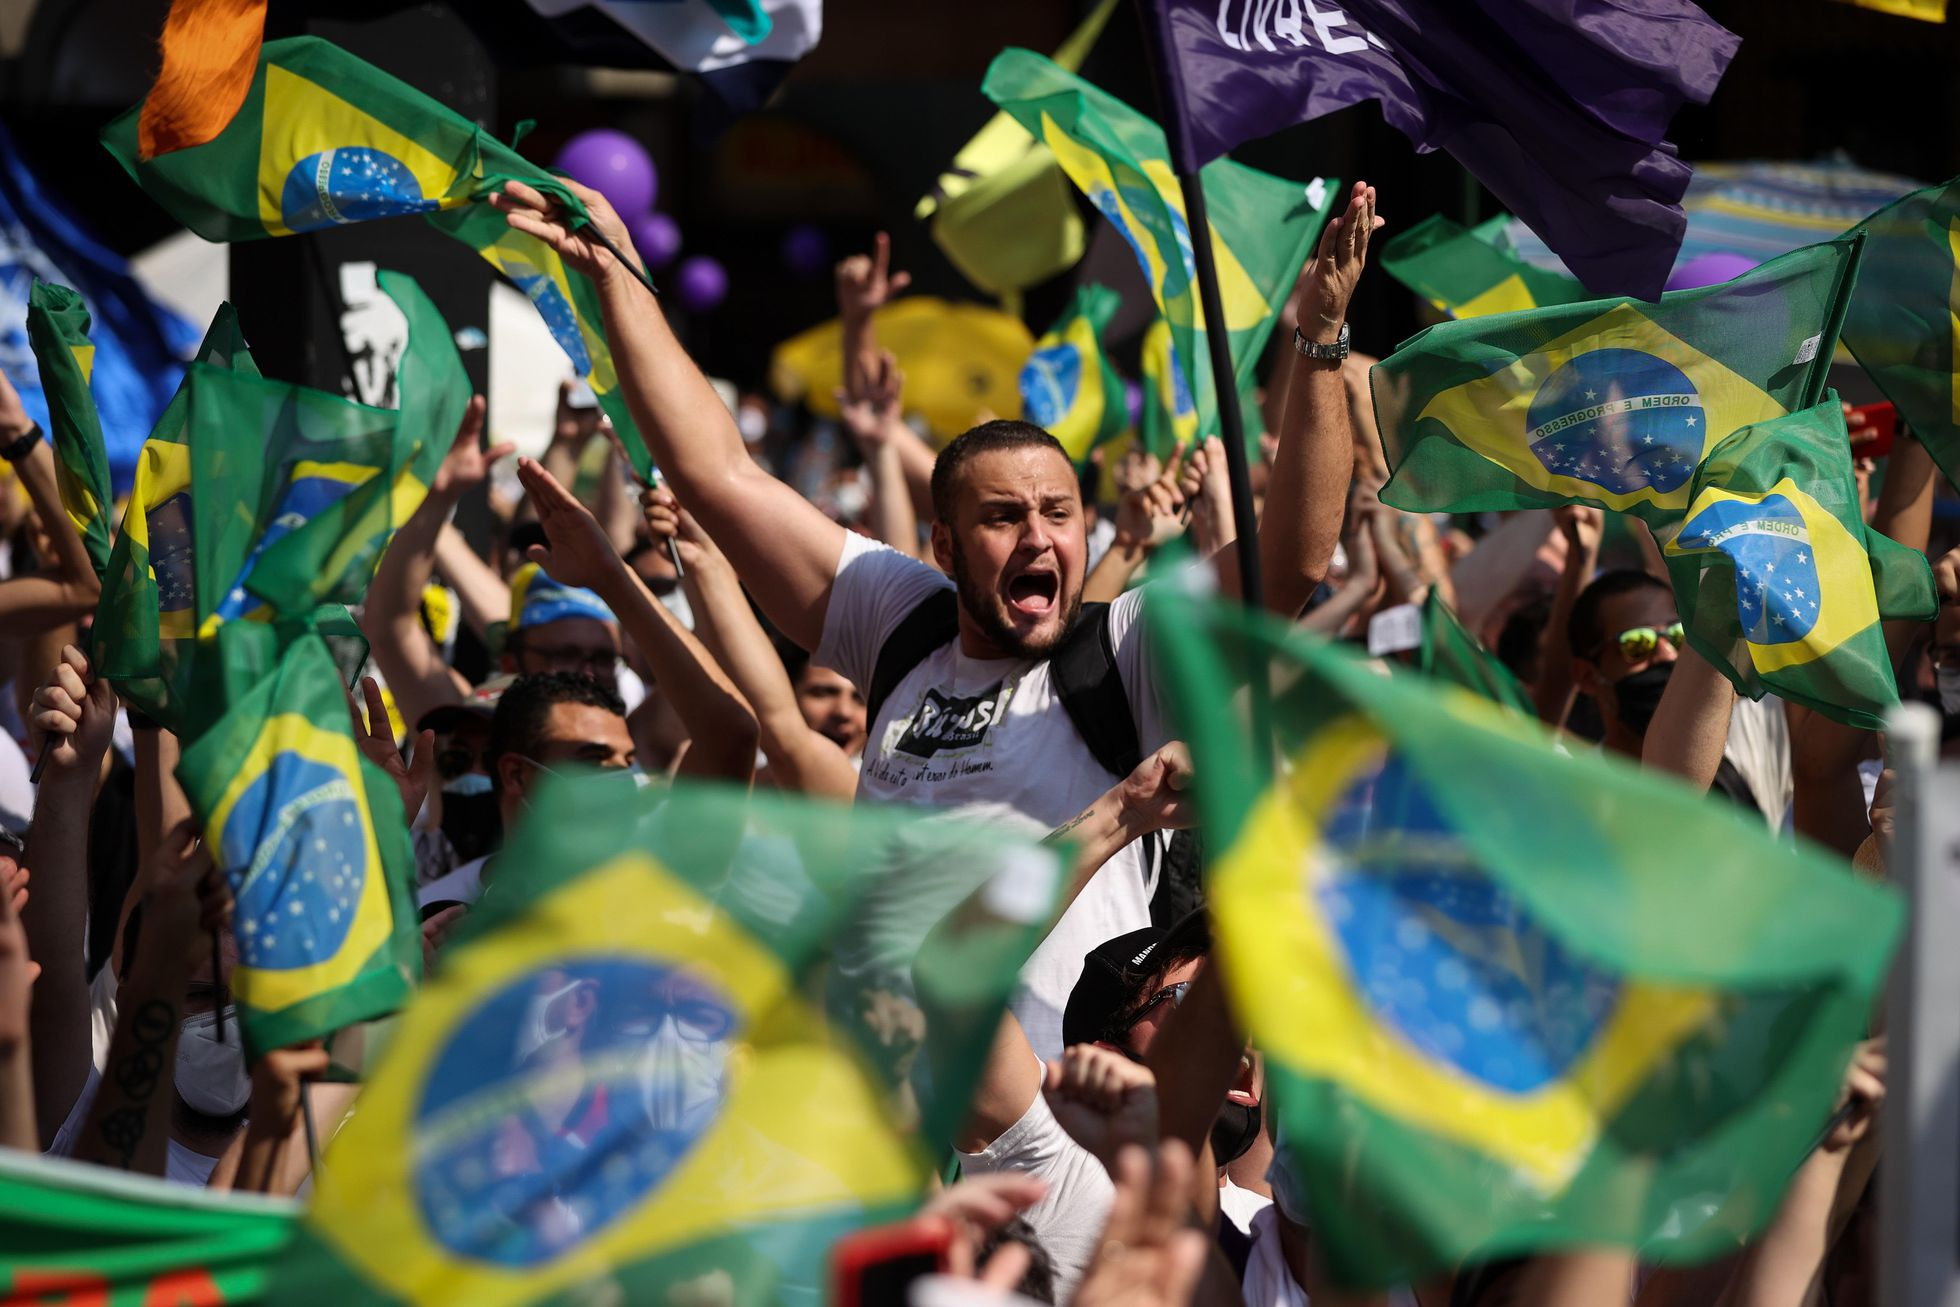 O Brasil que não quer Bolsonaro nem Lula consegue um apoio tímido nas ruas